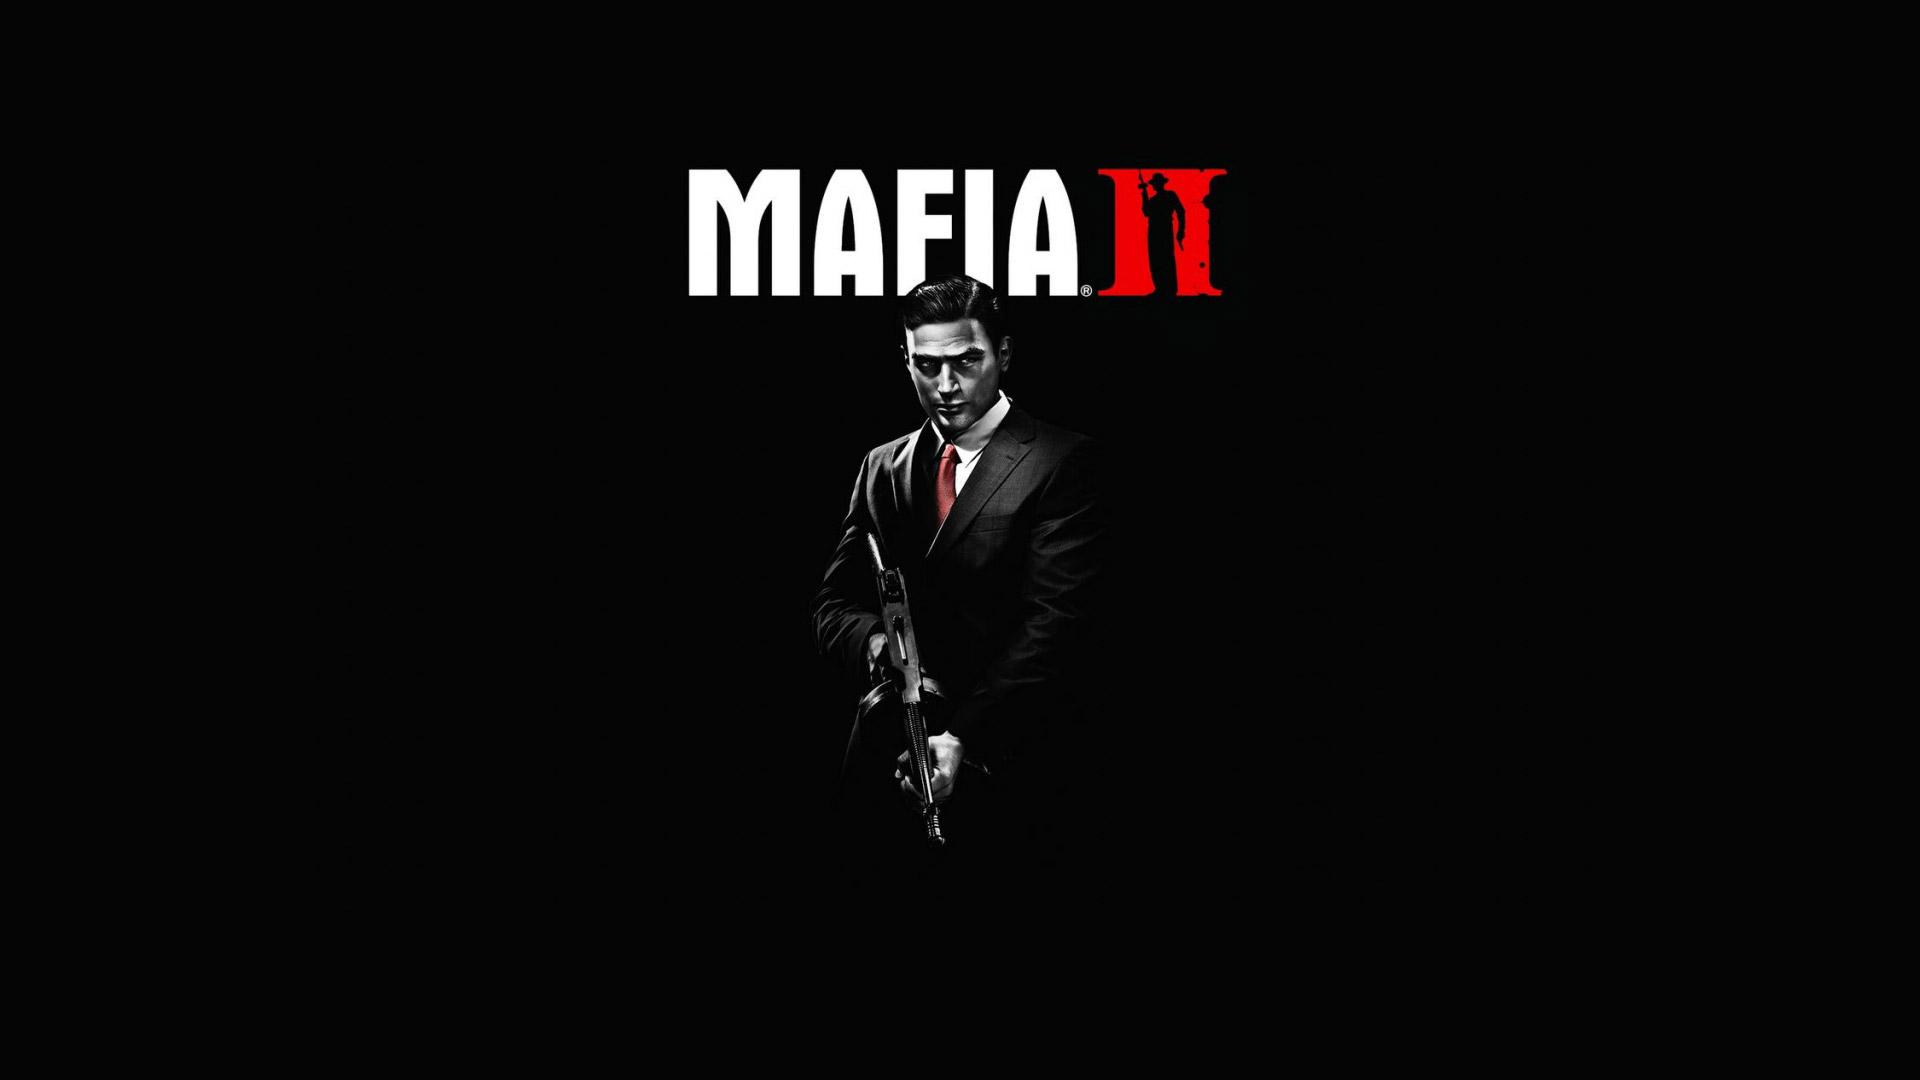 Mafia 2 wallpaper 5